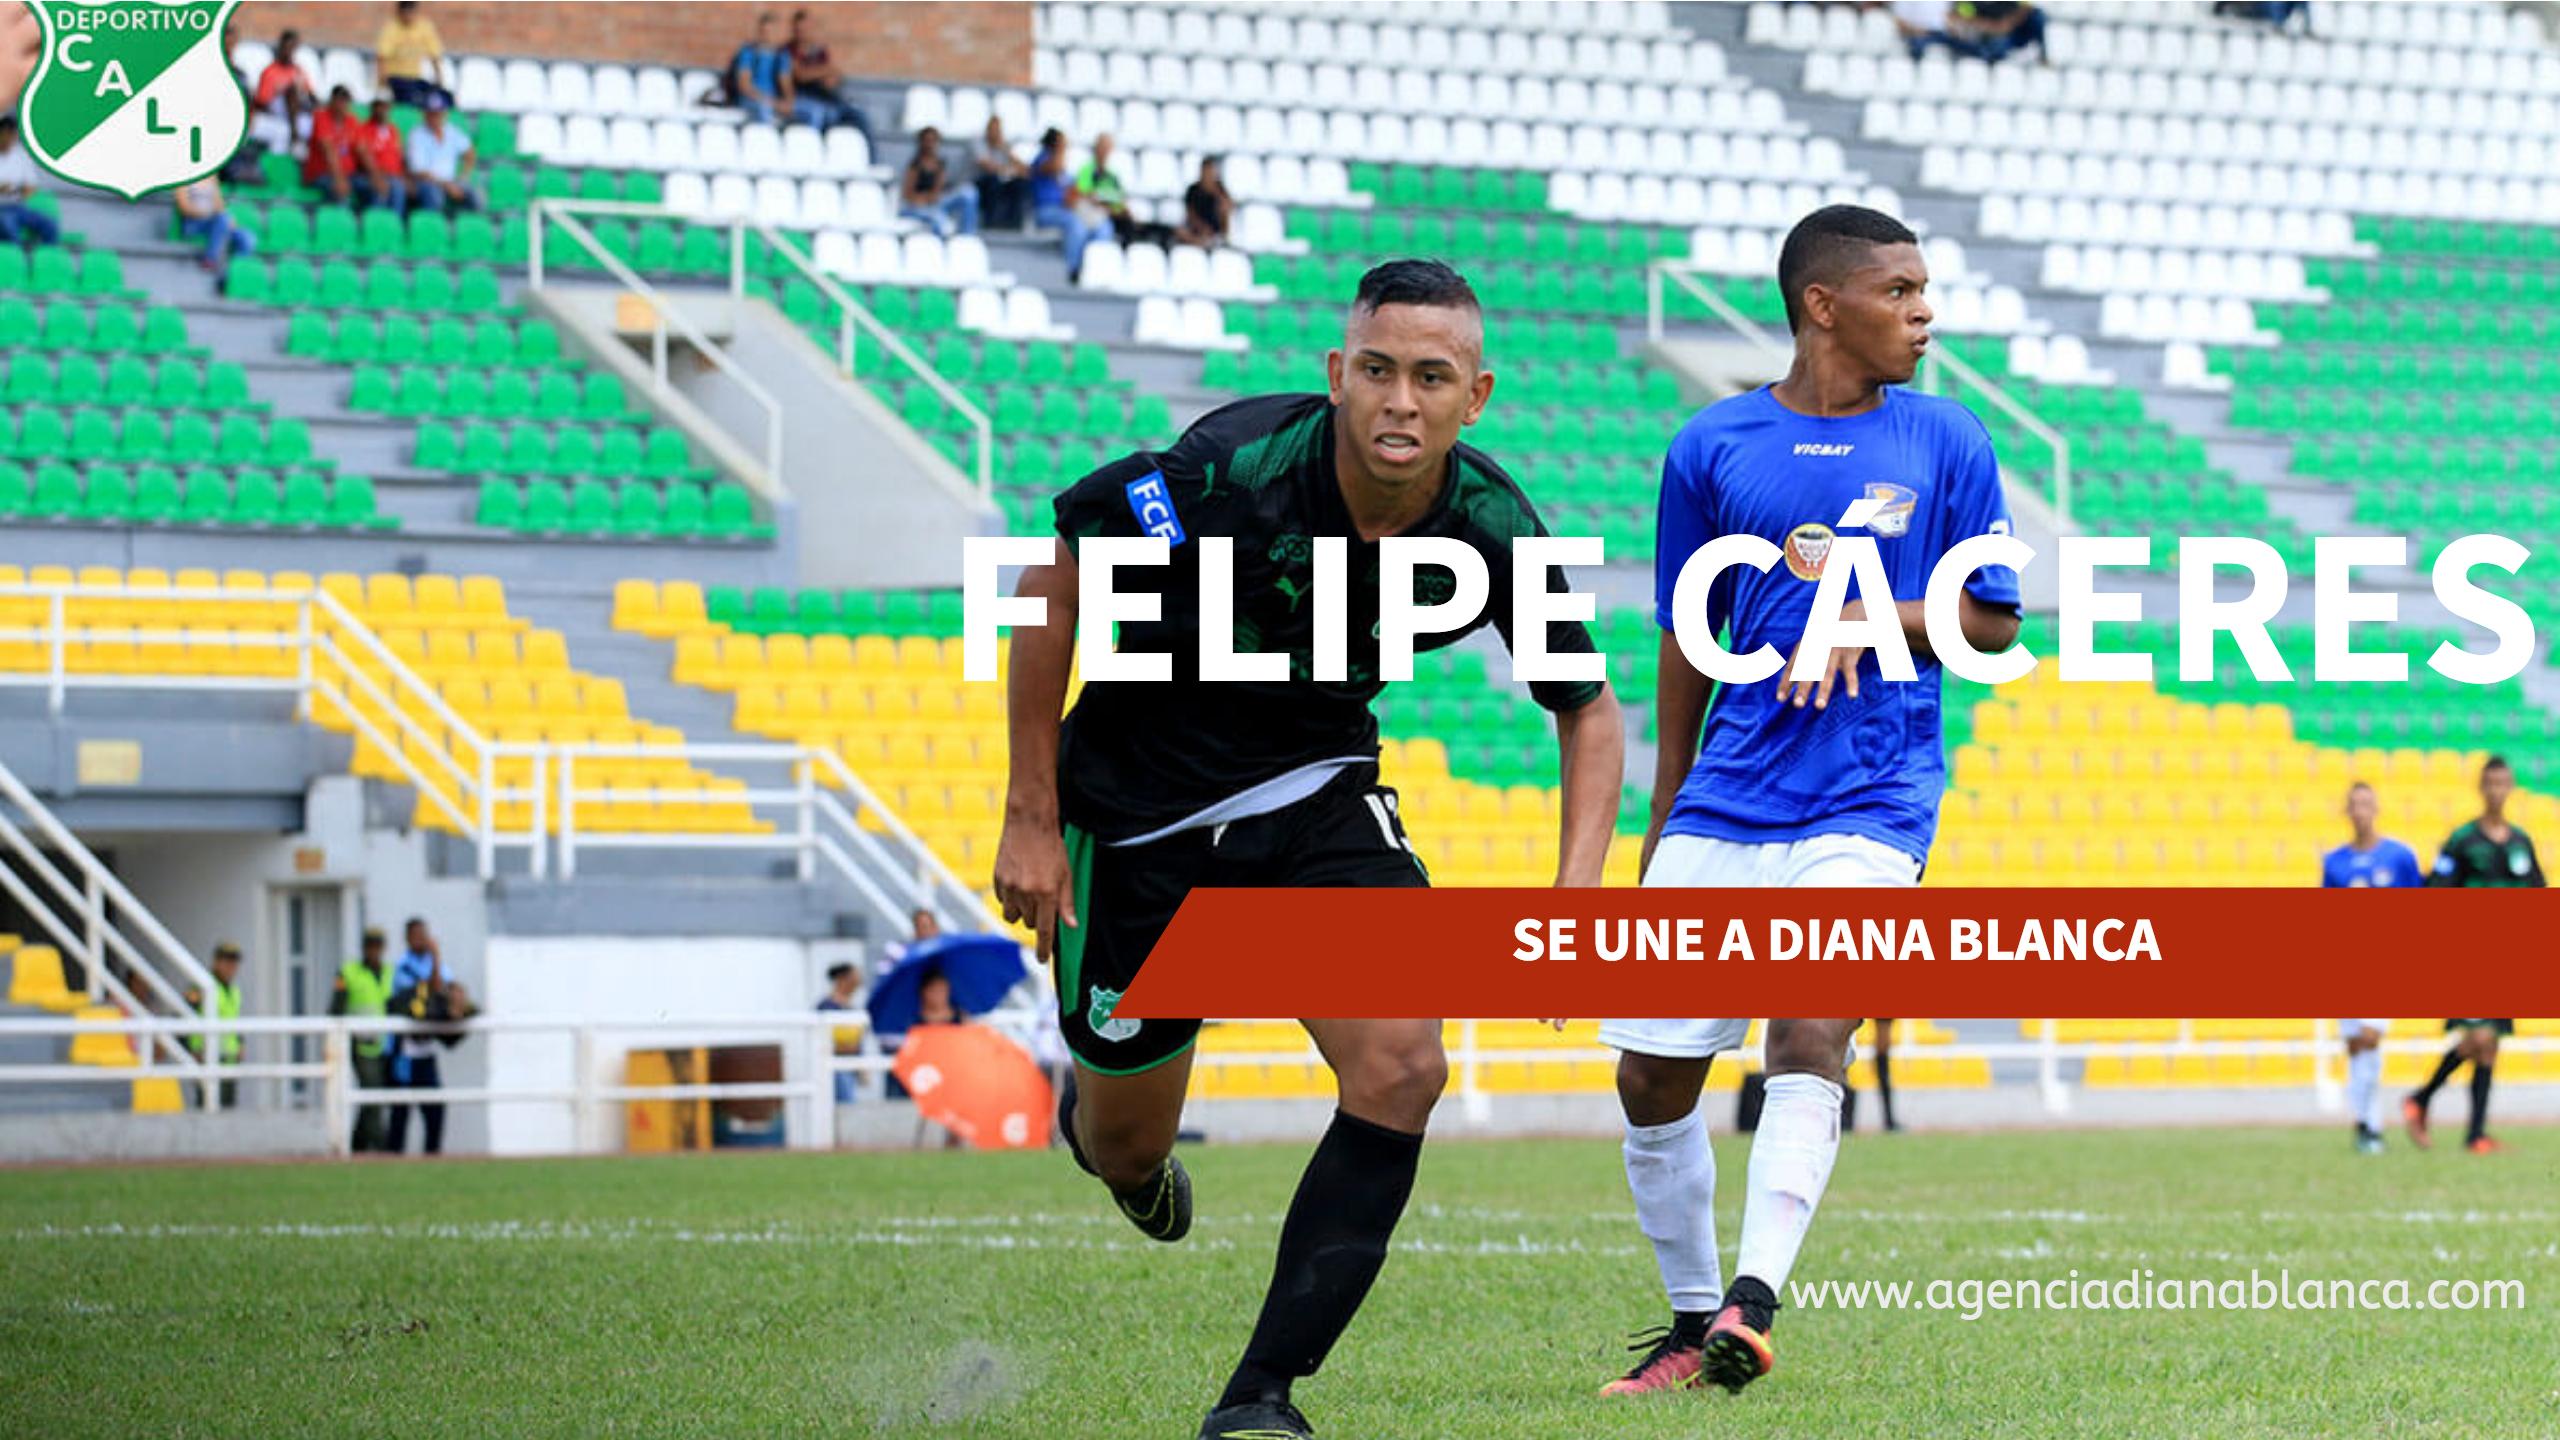 FelipeCáceres